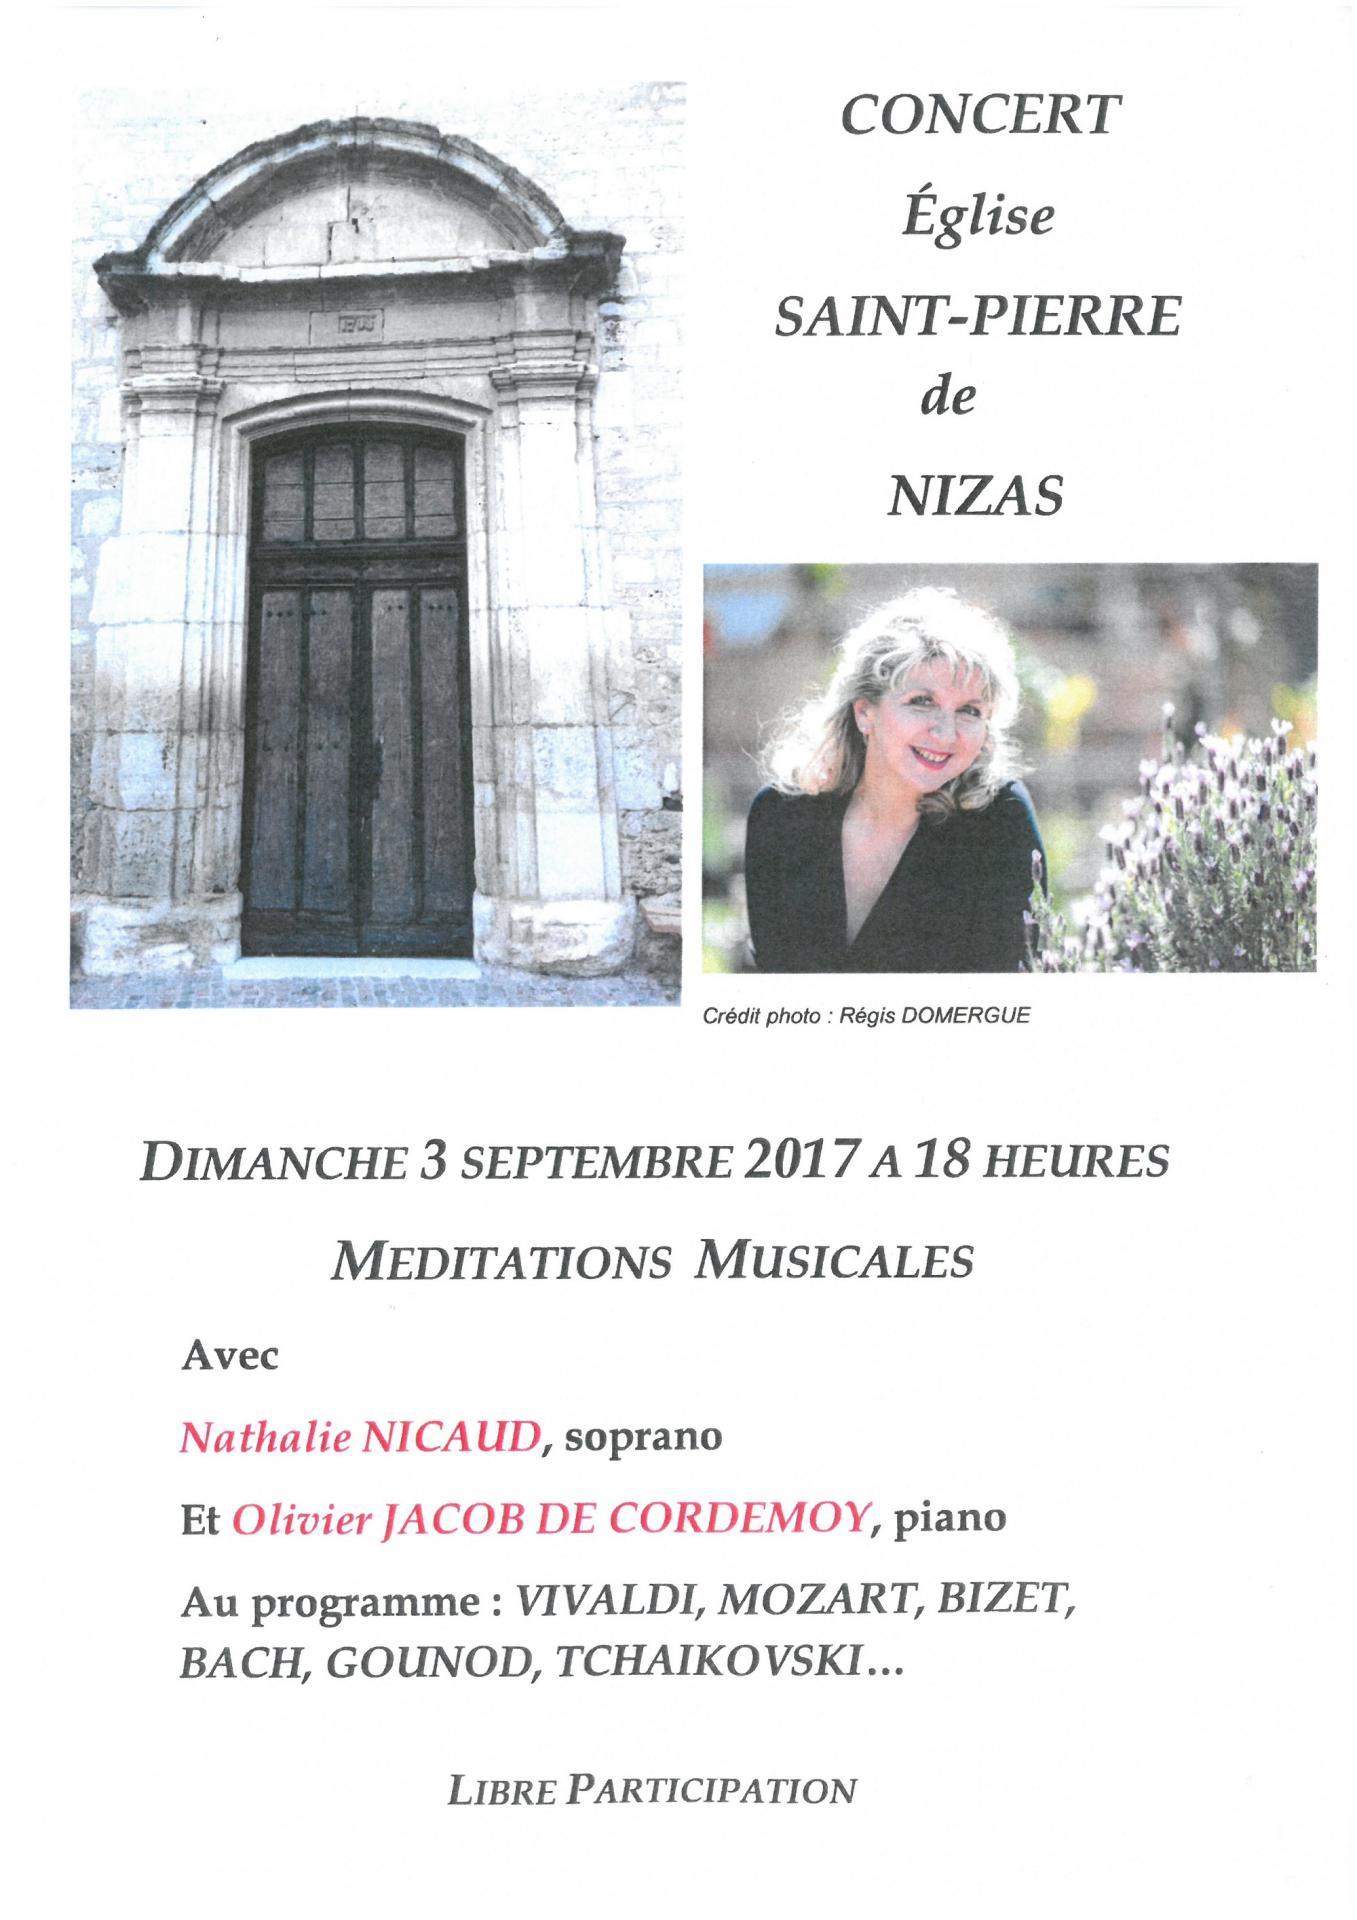 Nizas affiche concert eglise dimanche 3 septembre 2017 a 18h00dd